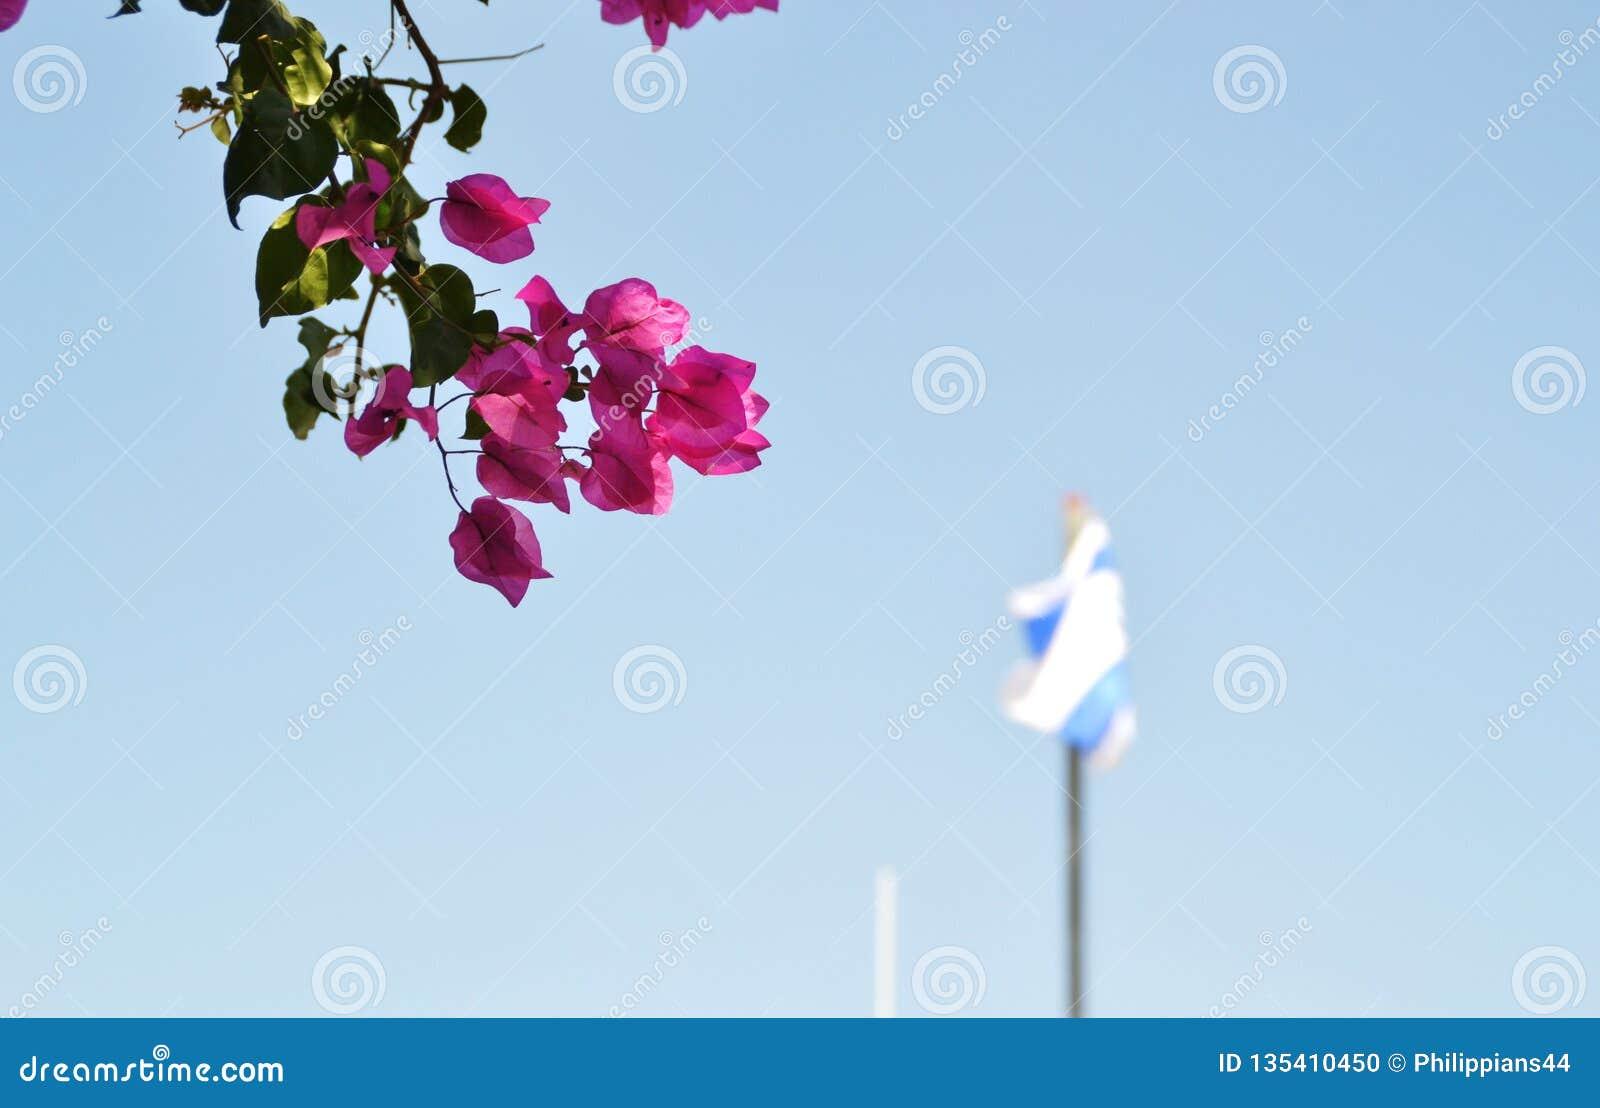 Drapeau national israélien ondulant au bâti de l olive à Jérusalem, Israël avec les feuilles colorées d arbre dans l avant